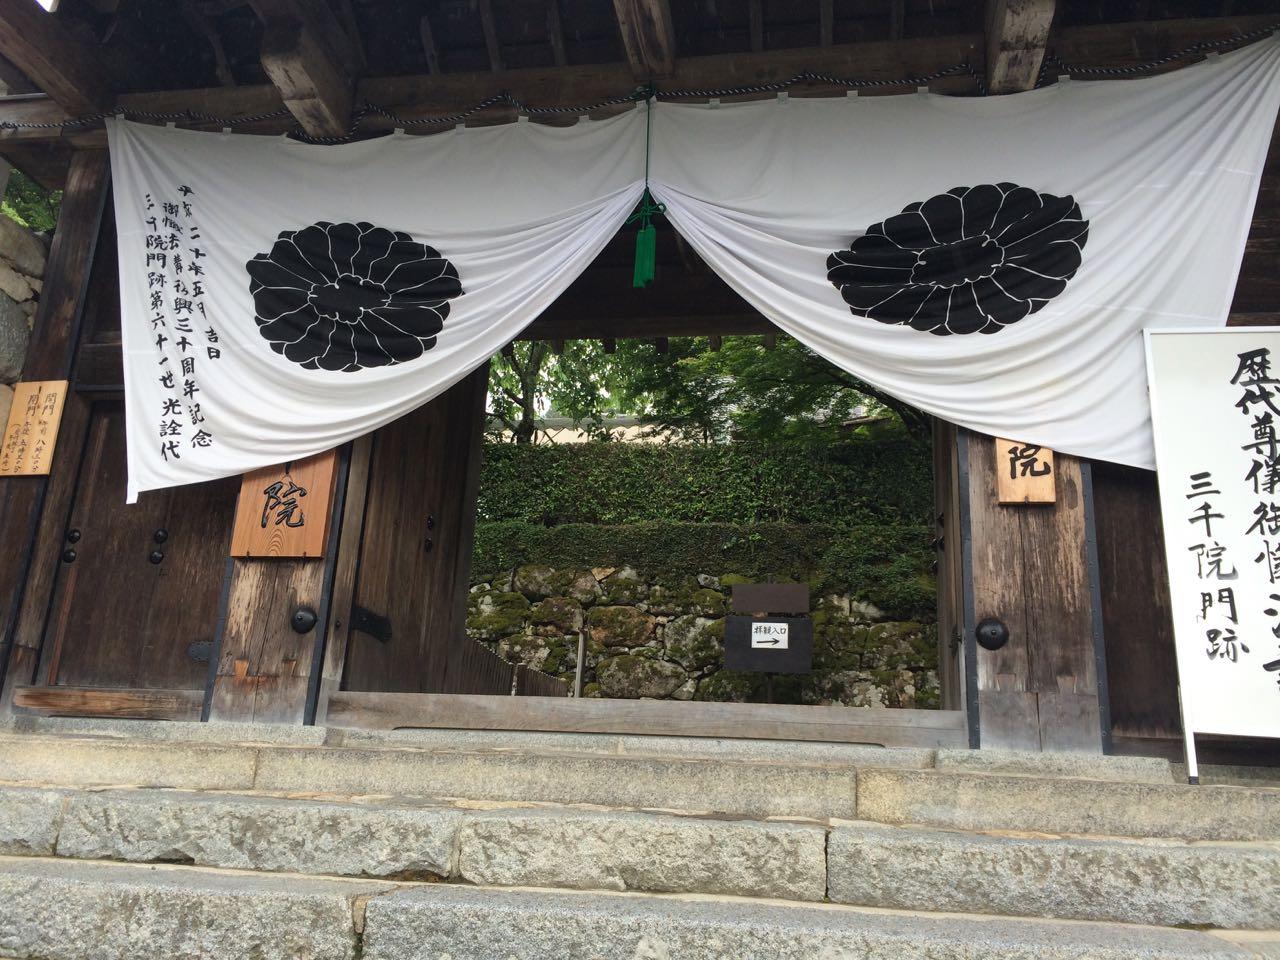 Entrance to Sanzen-in in Ohara